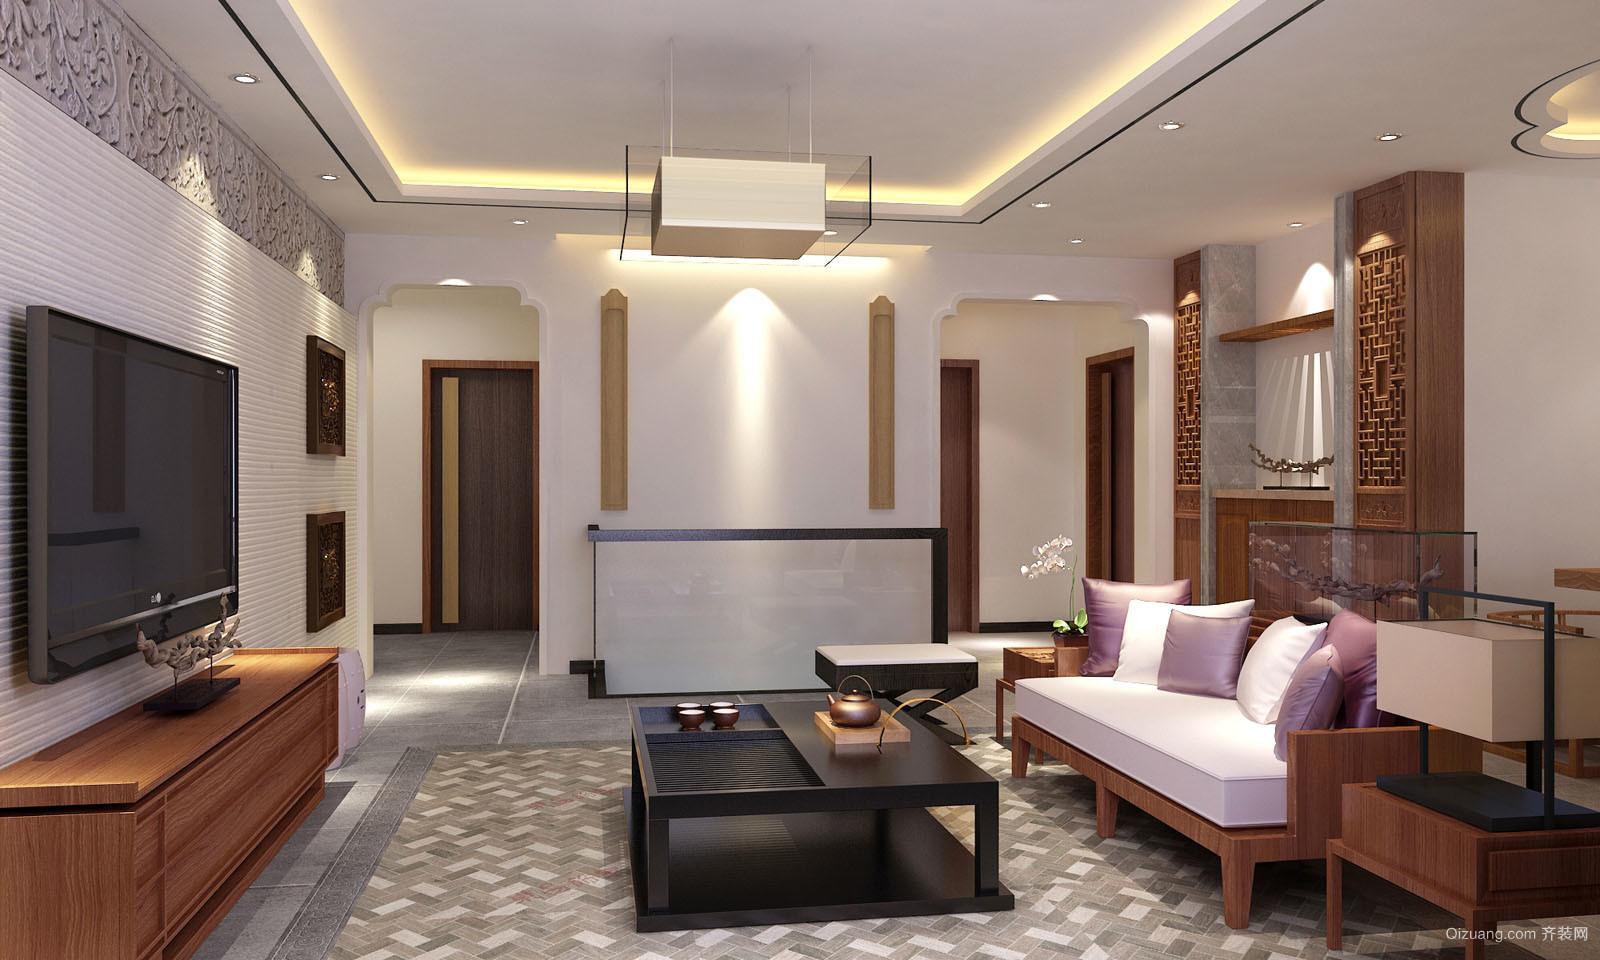 220平米普通风格中式图片外墙装修户型设计-邢设计家装建筑图片